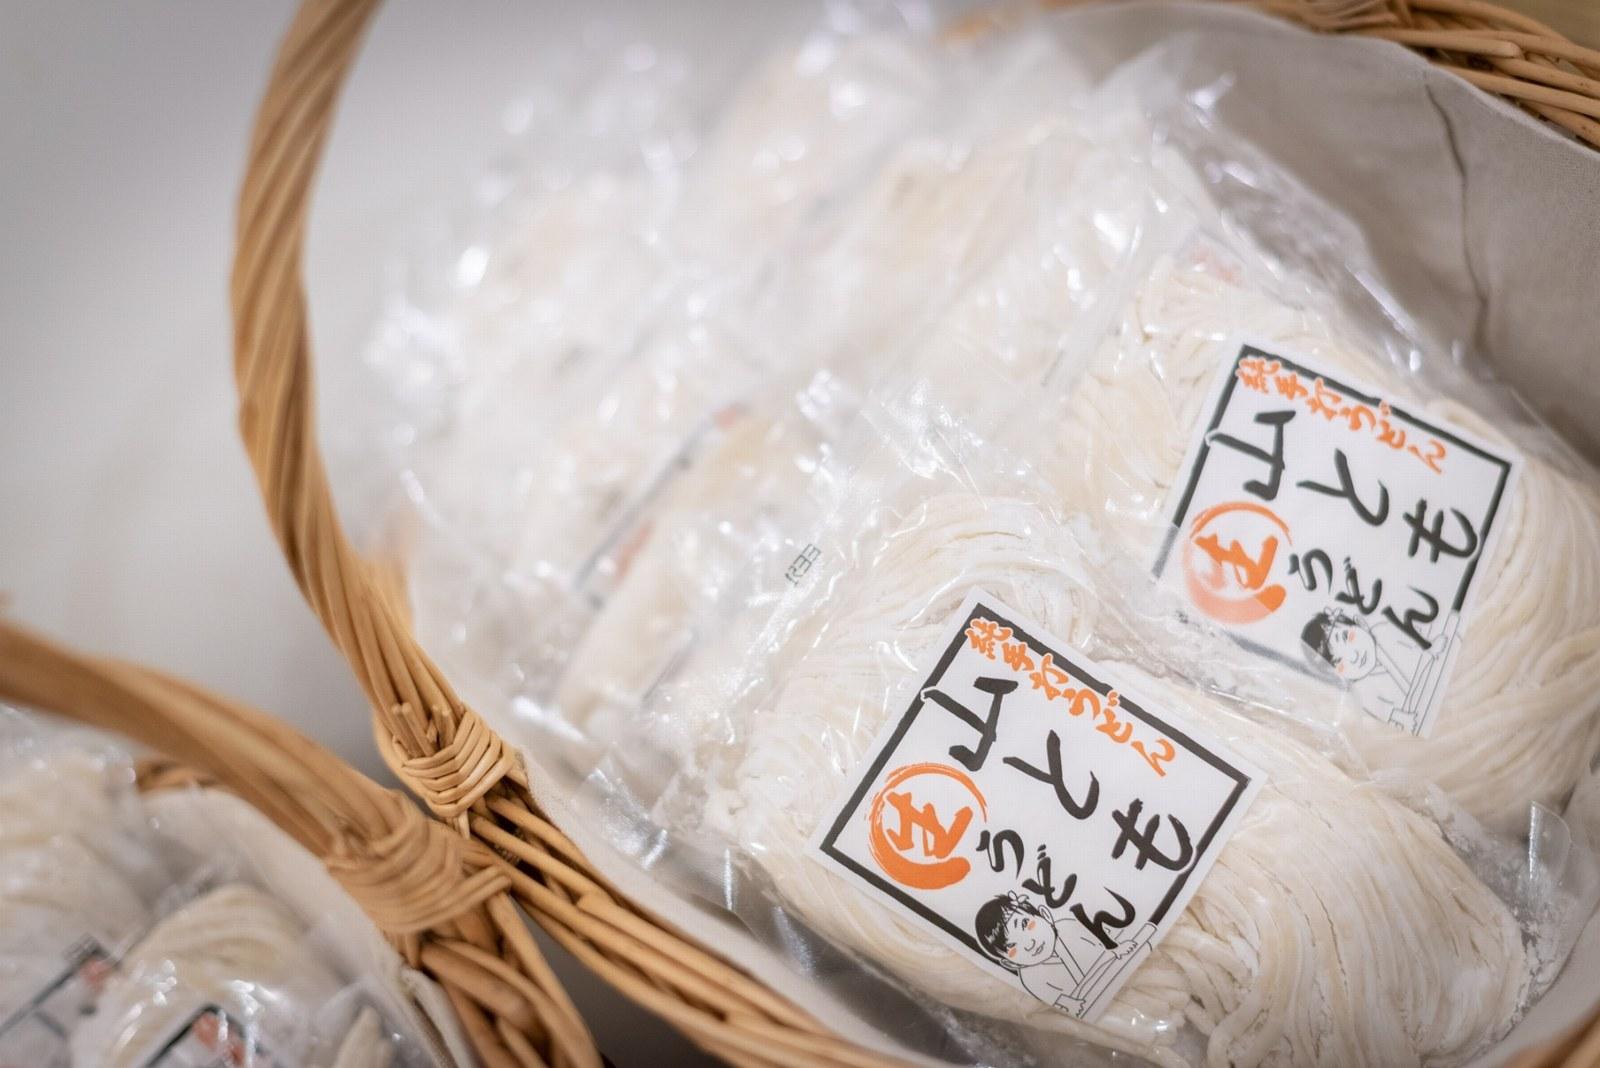 香川県の結婚式場シェルエメール&アイスタイル お見送り品